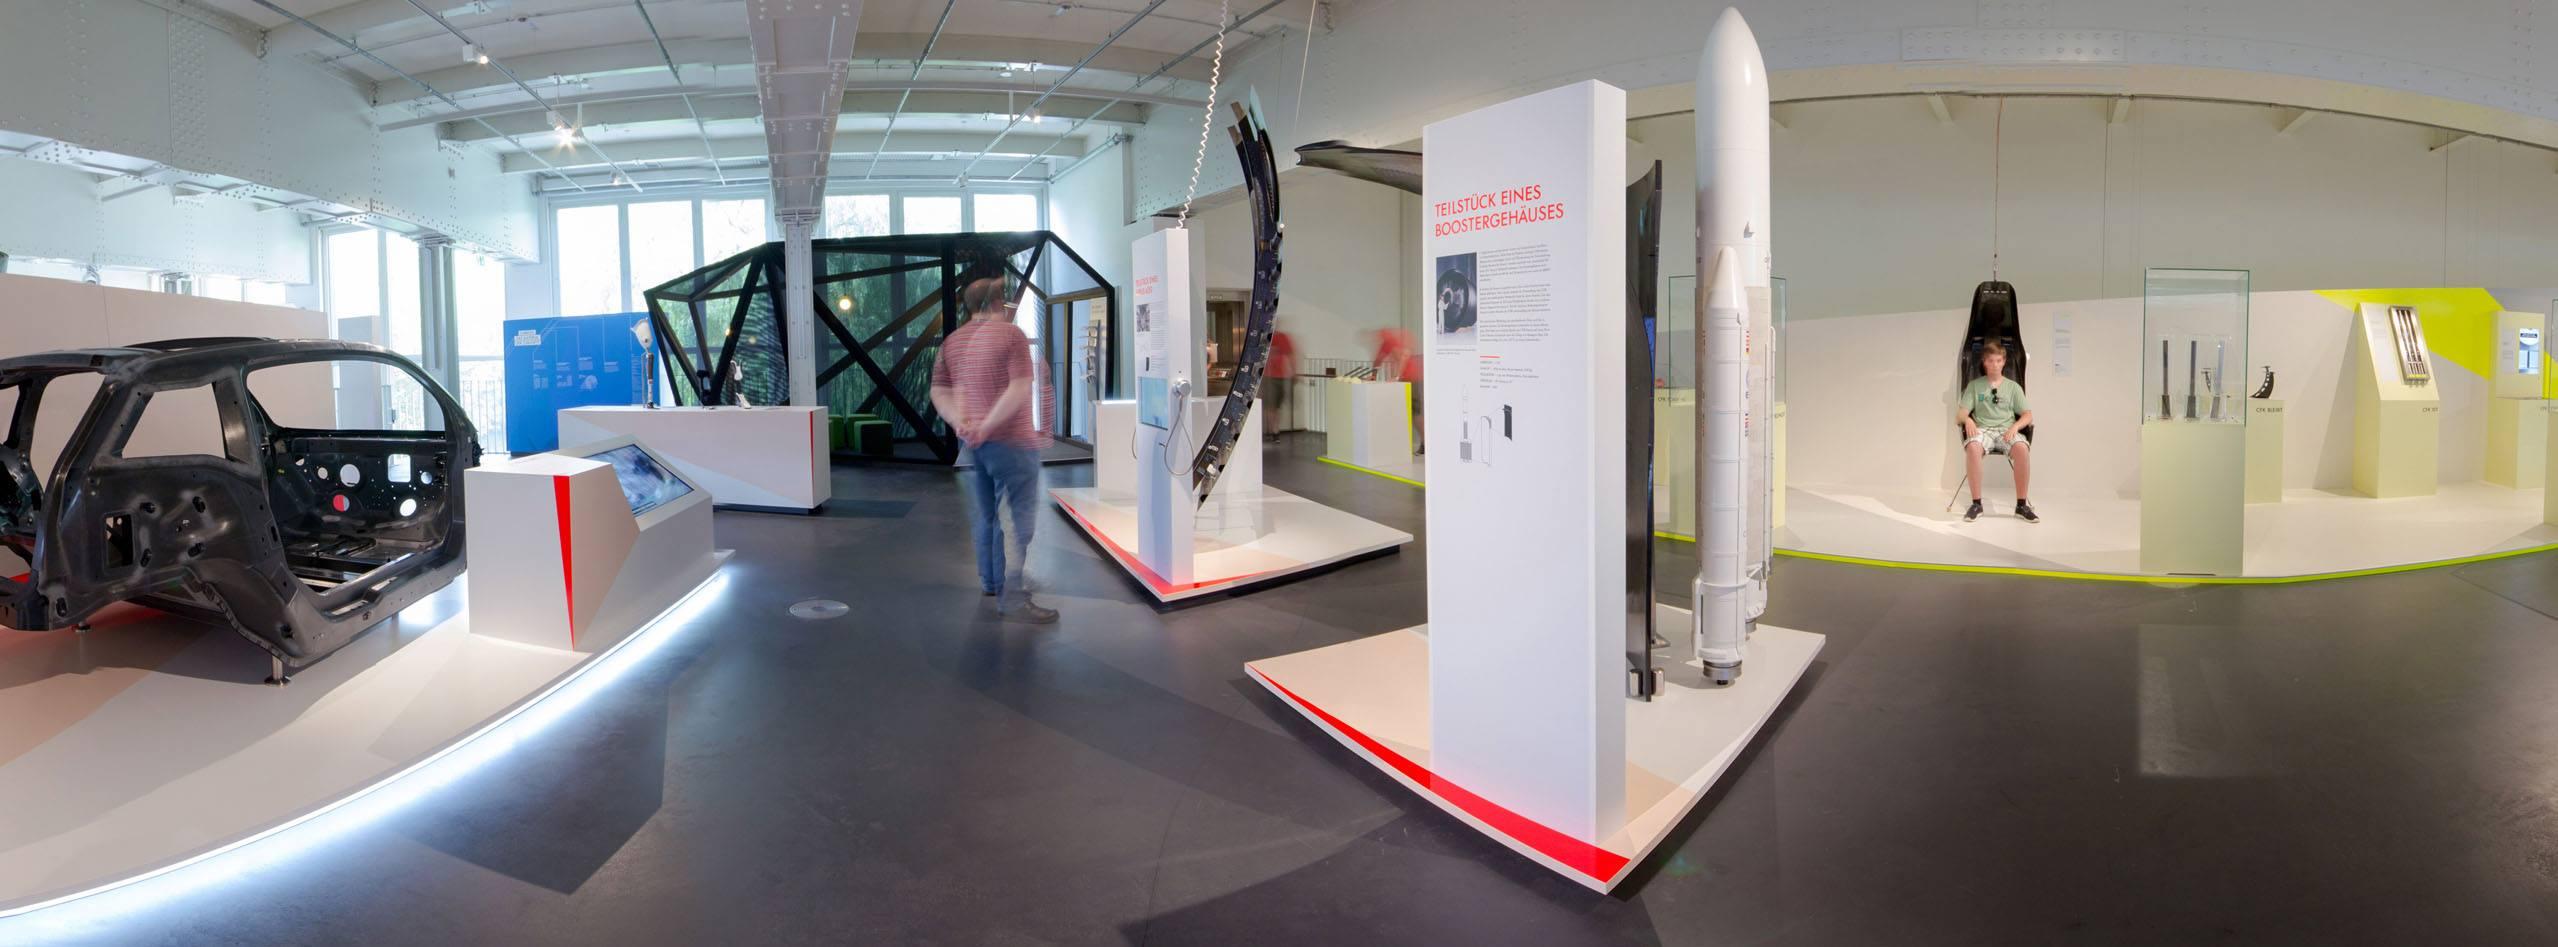 พิพิธภัณฑ์เยอรมัน -วิทยาศาสตร์